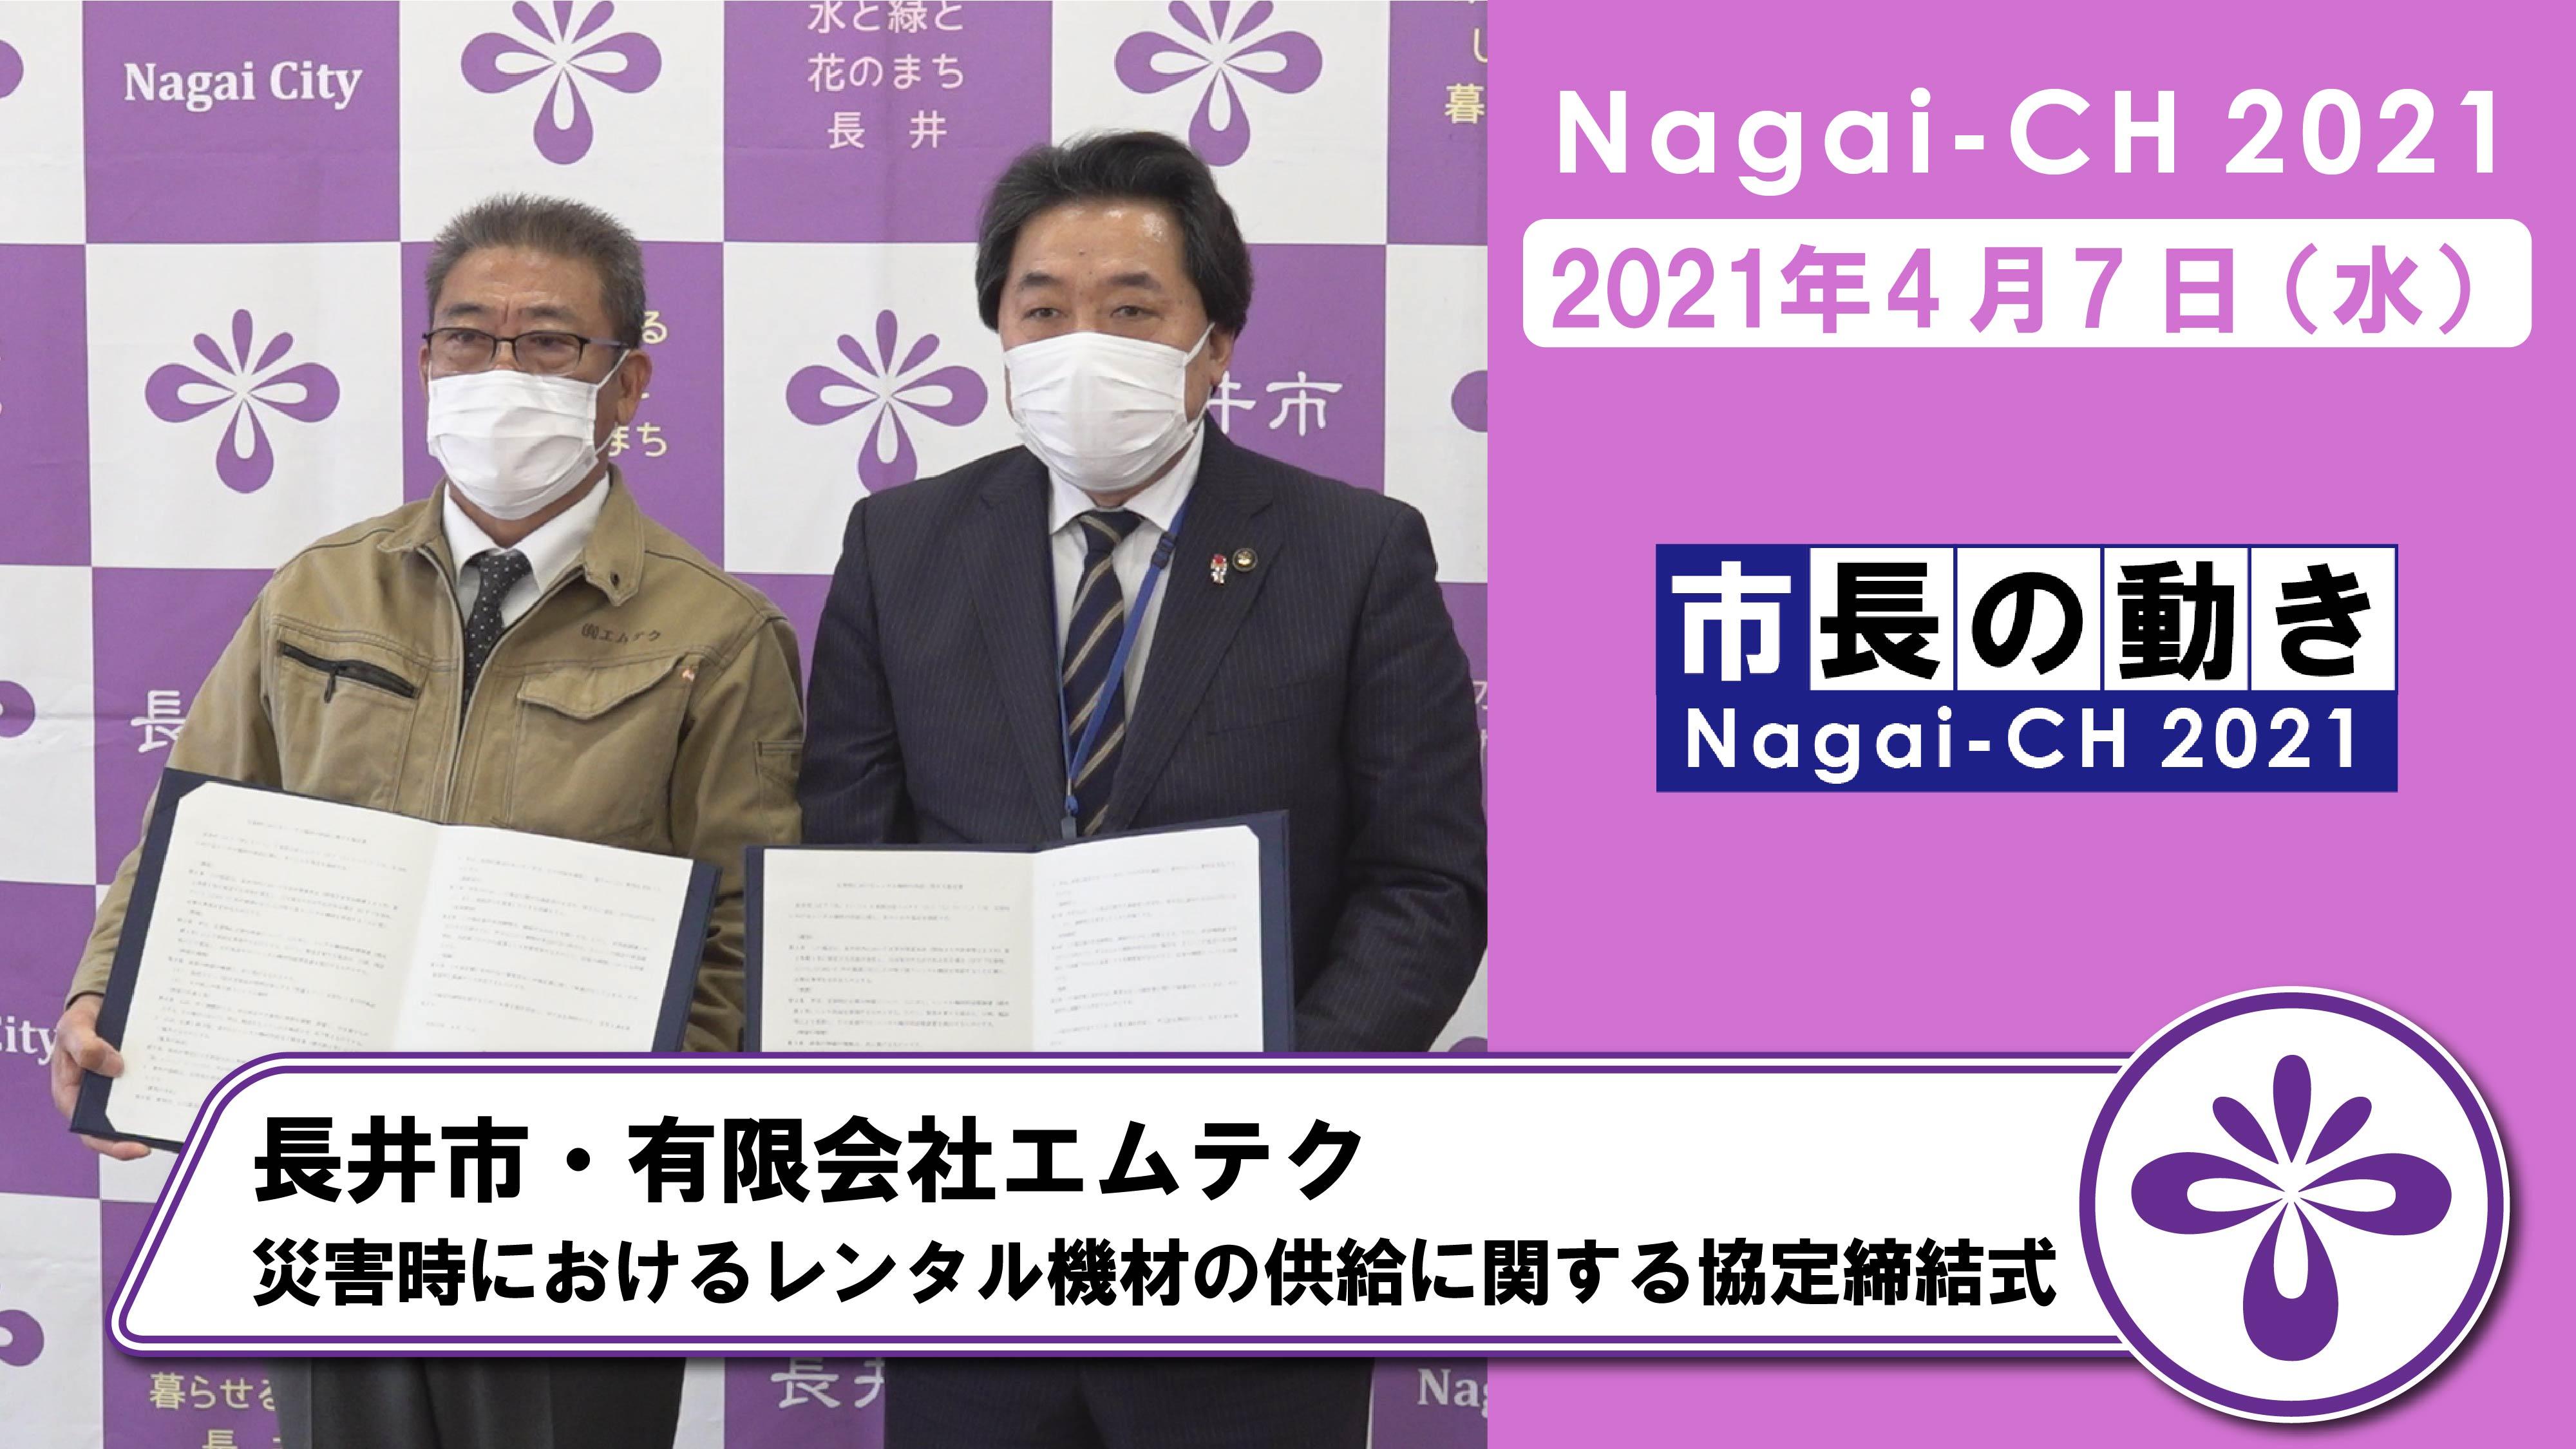 【長井市】有限会社エムテク災害時におけるレンタル機材の供給に関する協定締結式(令和3年4月7日):画像